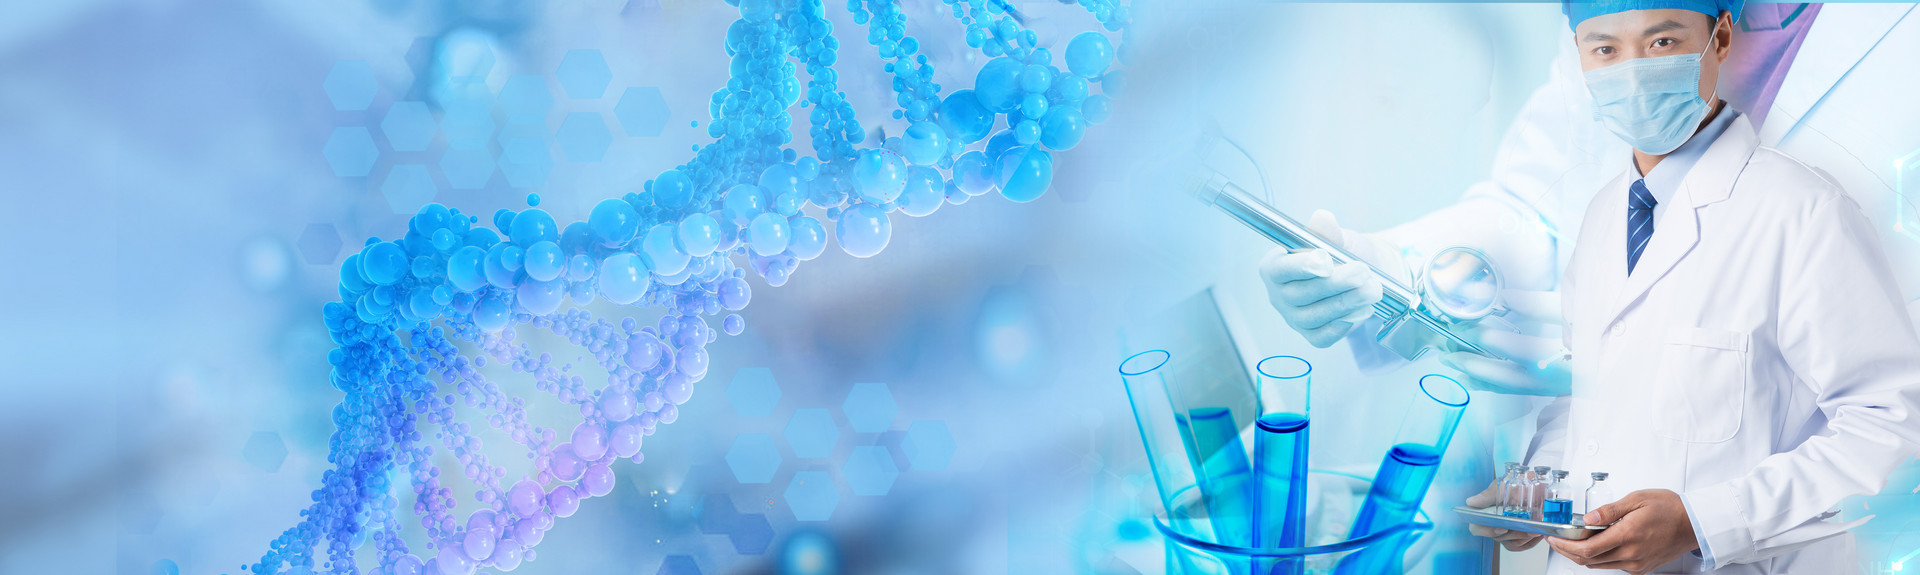 抗菌技术开发与应用